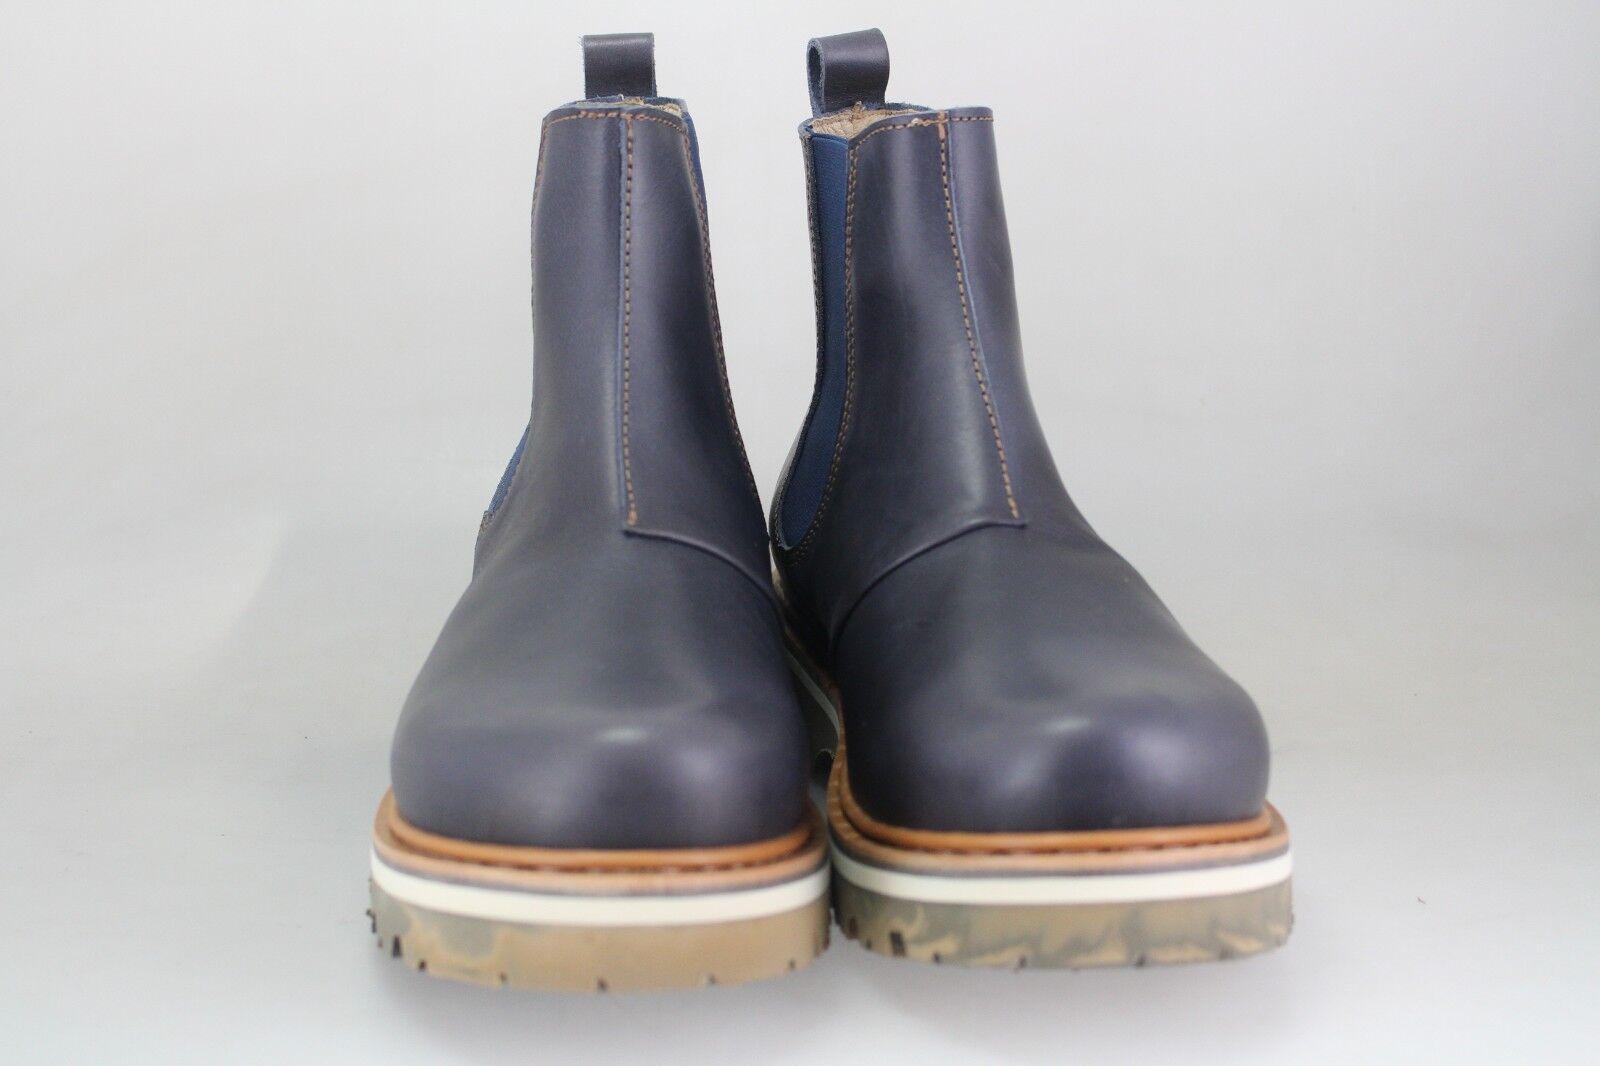 Tipo uomo Soma (k253) Stivali | Dimensioni 42 (k253) Soma 5d8a39